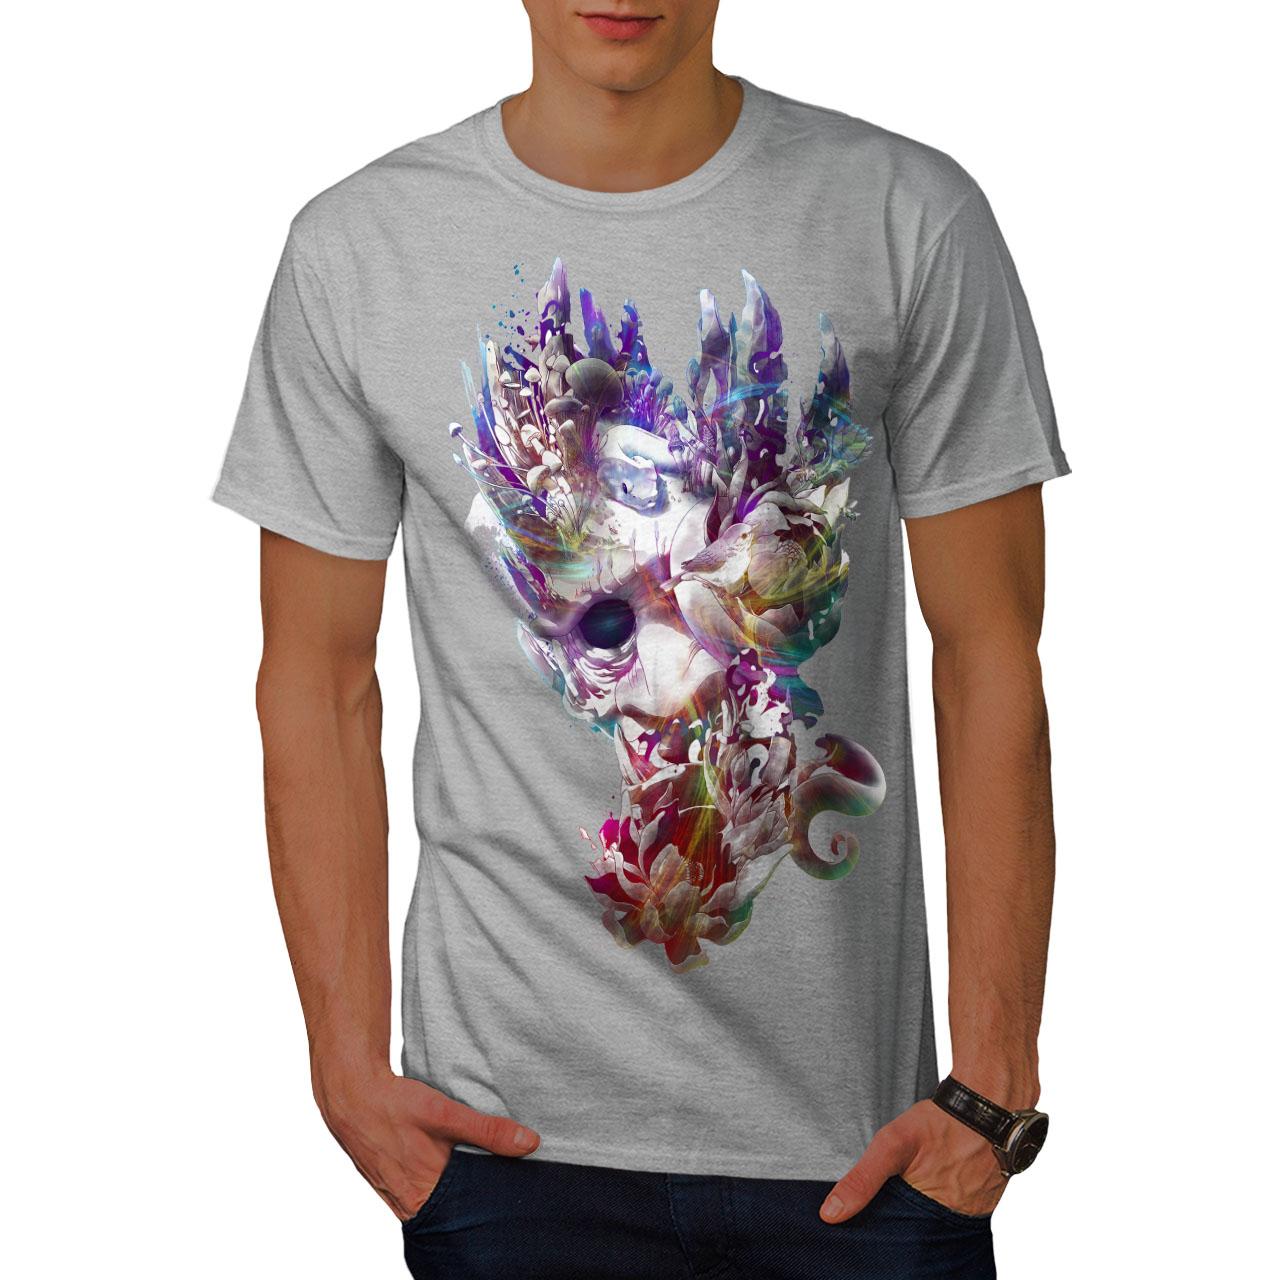 Wellcoda ART faccia Mystic Moda Da Uomo T-shirt Corallo design grafico stampato T-shirt